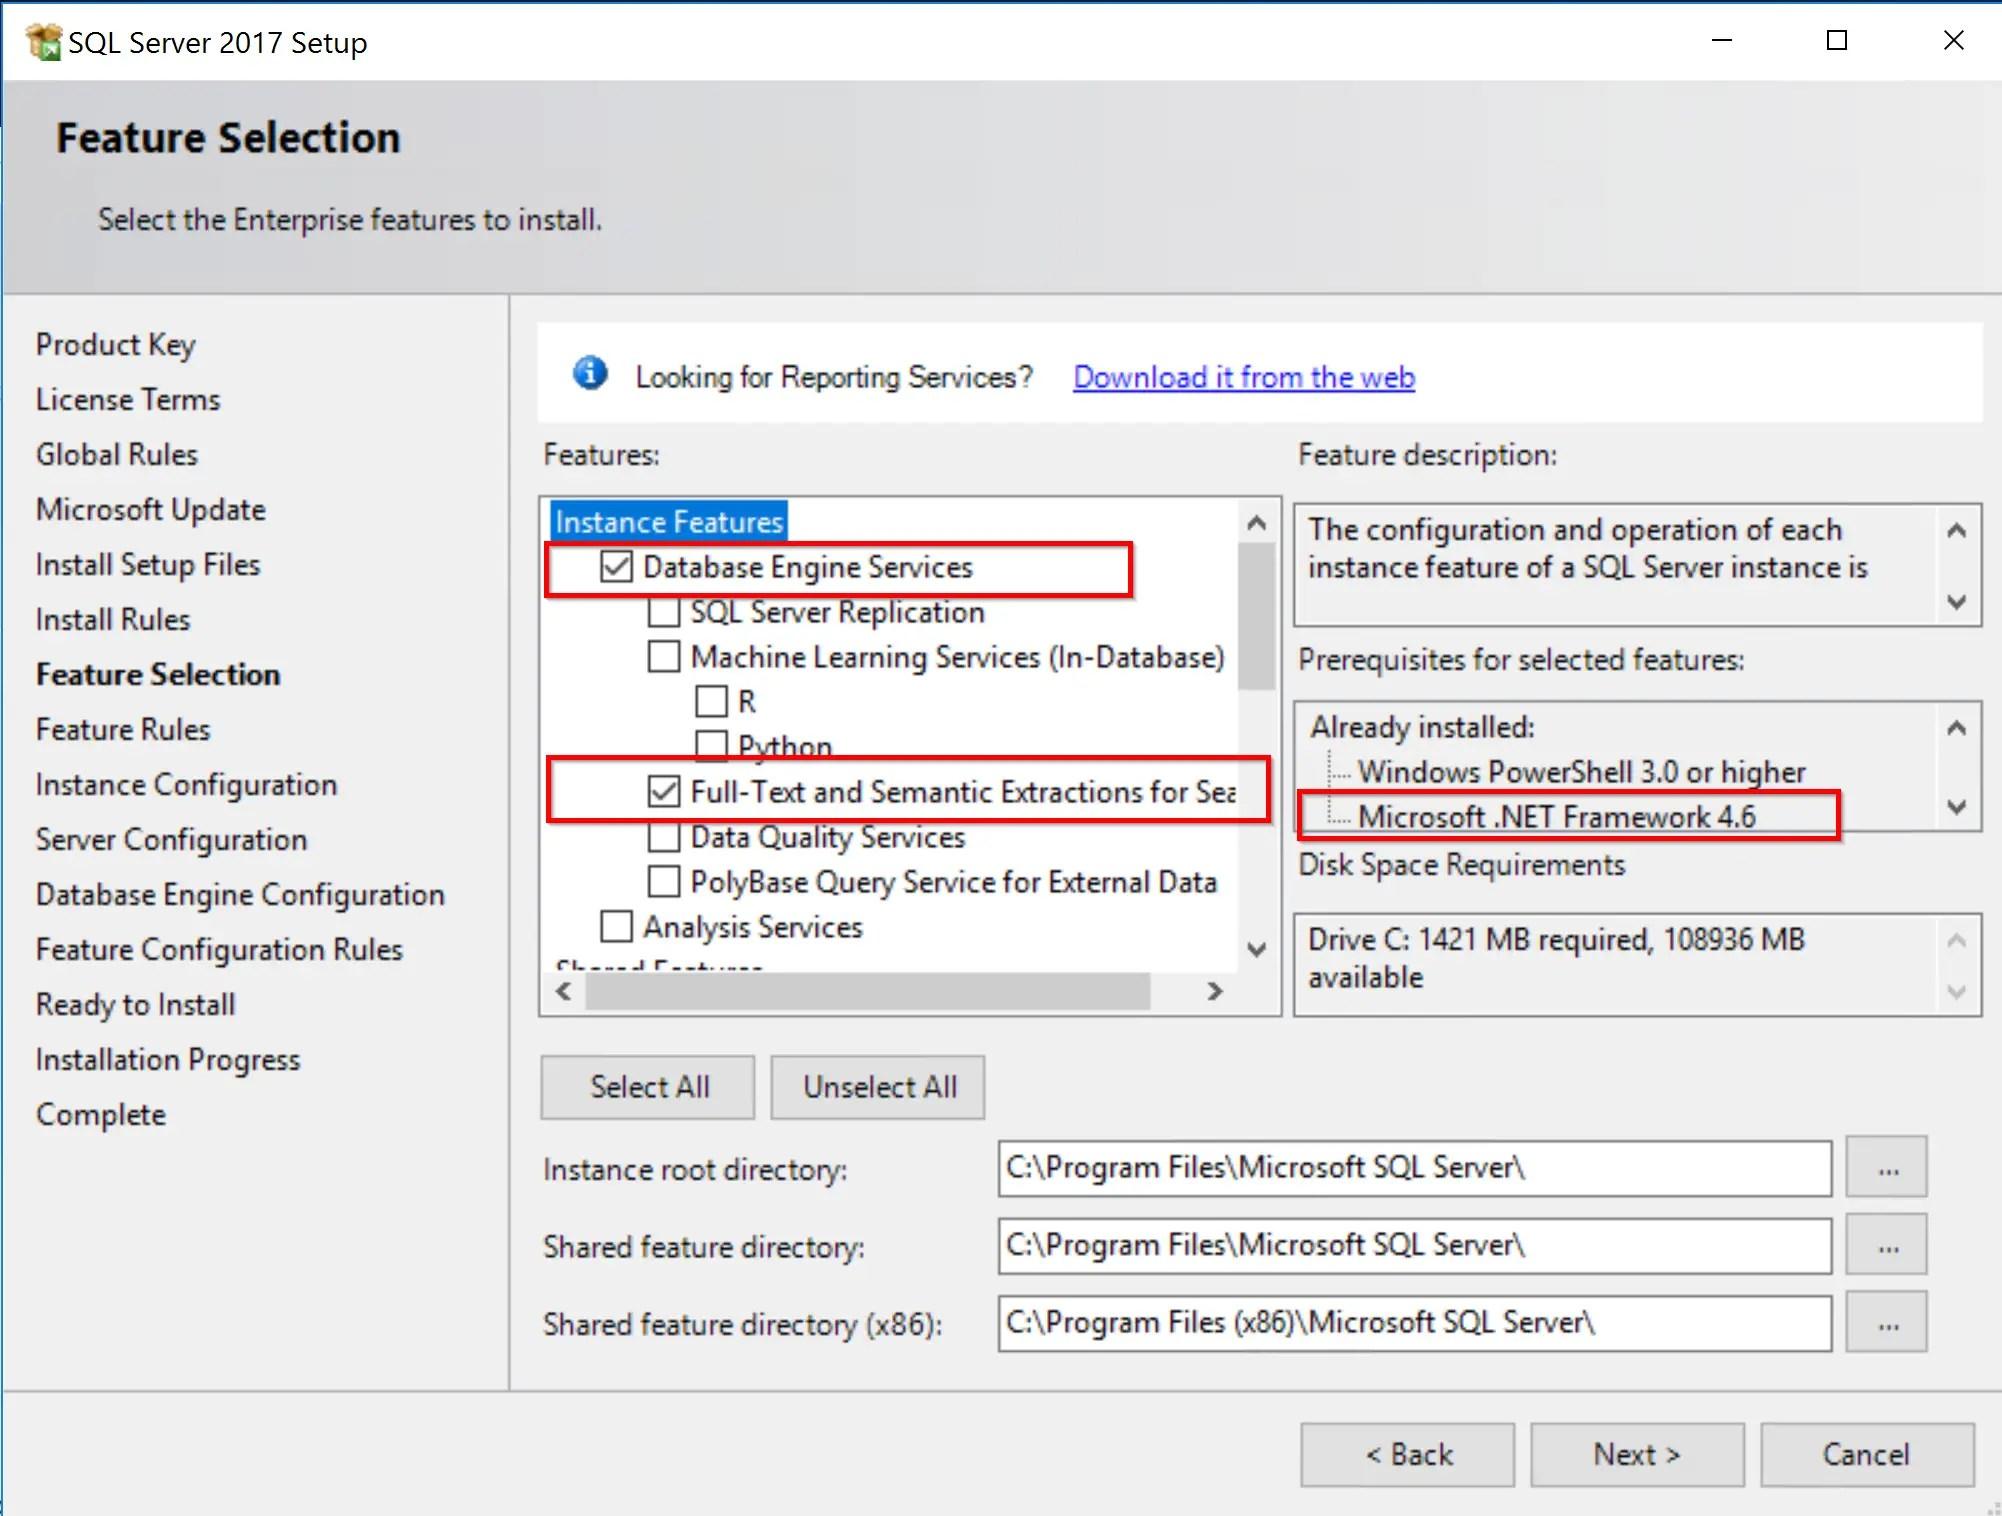 SQL Server 2017 Step by step for SCCM Installation 7